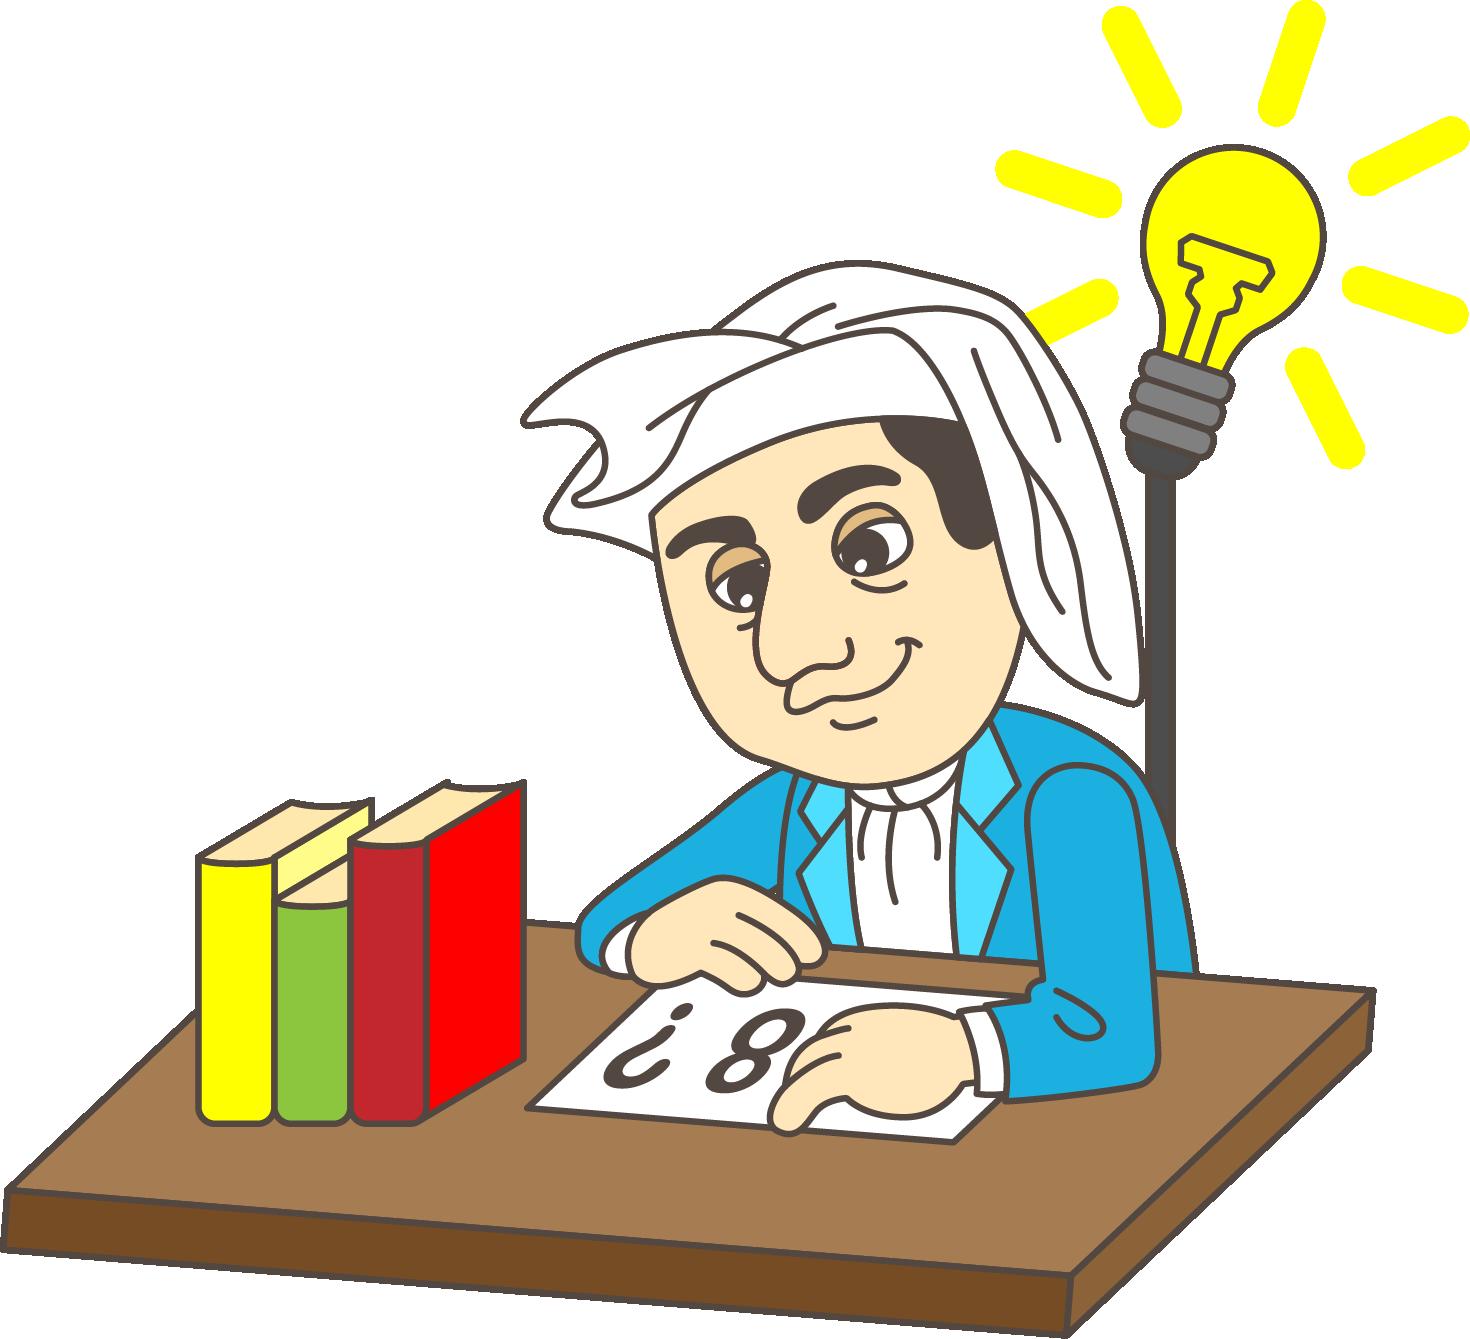 Leonardo Fibonicci bestudeert cijferreeksen